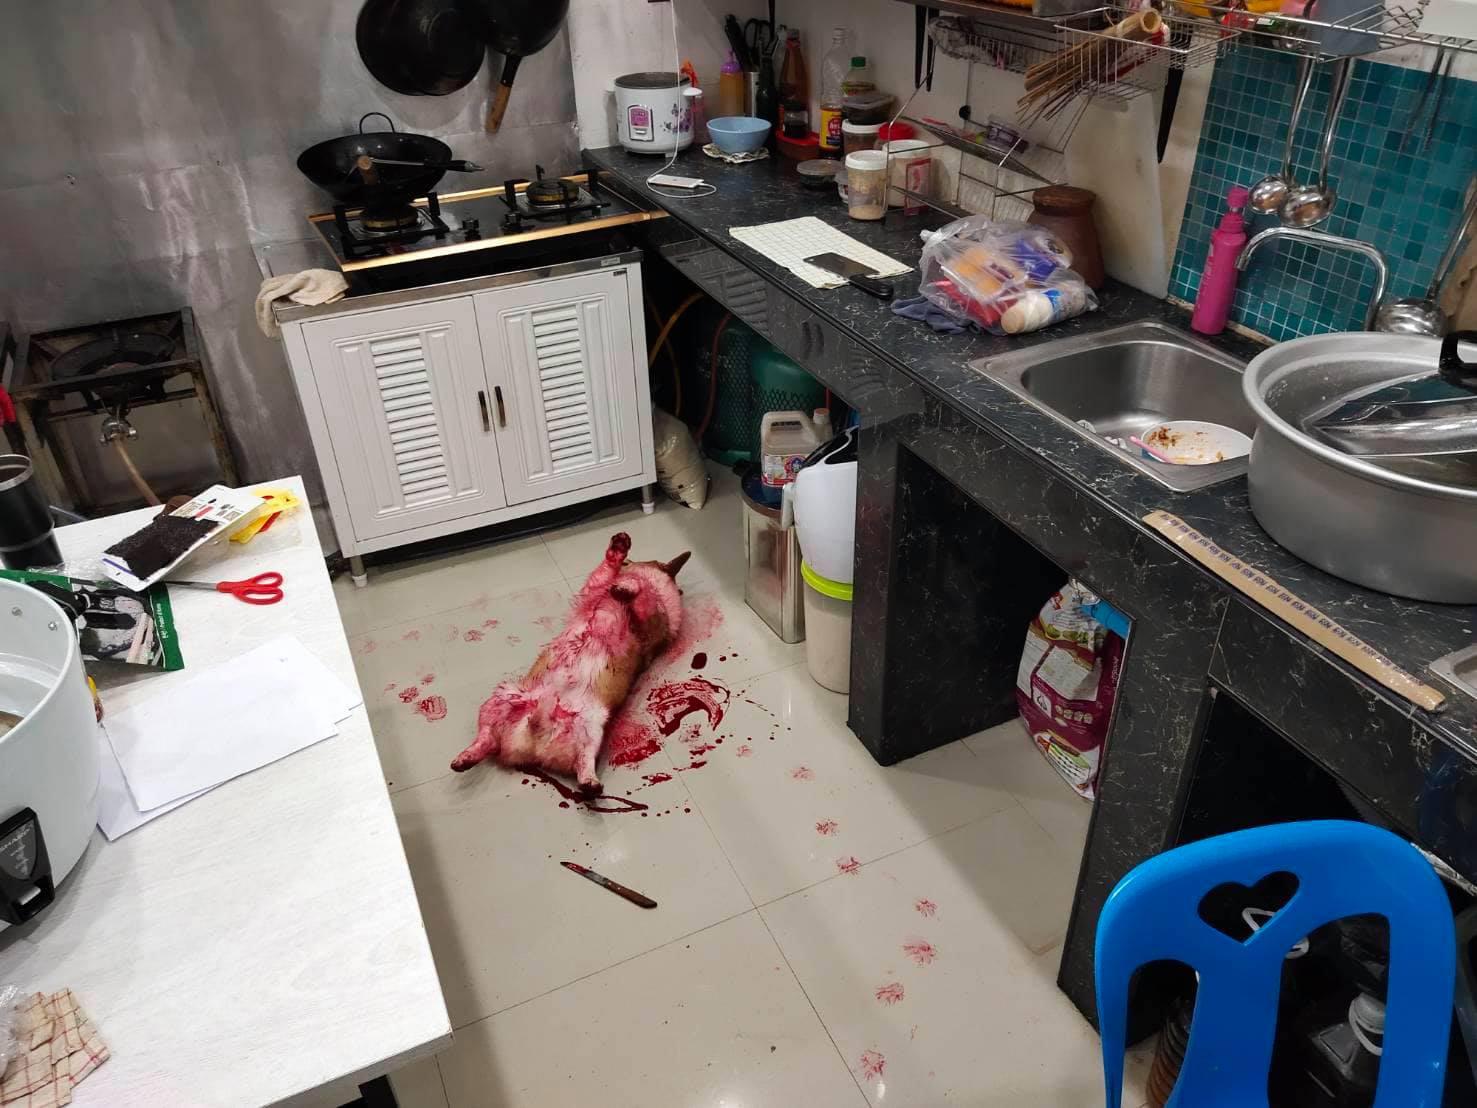 Dogilike.com :: ตกใจหมด!! น้องหมาเลือดอาบ ที่ไหนได้น้ำแดงหกใส่